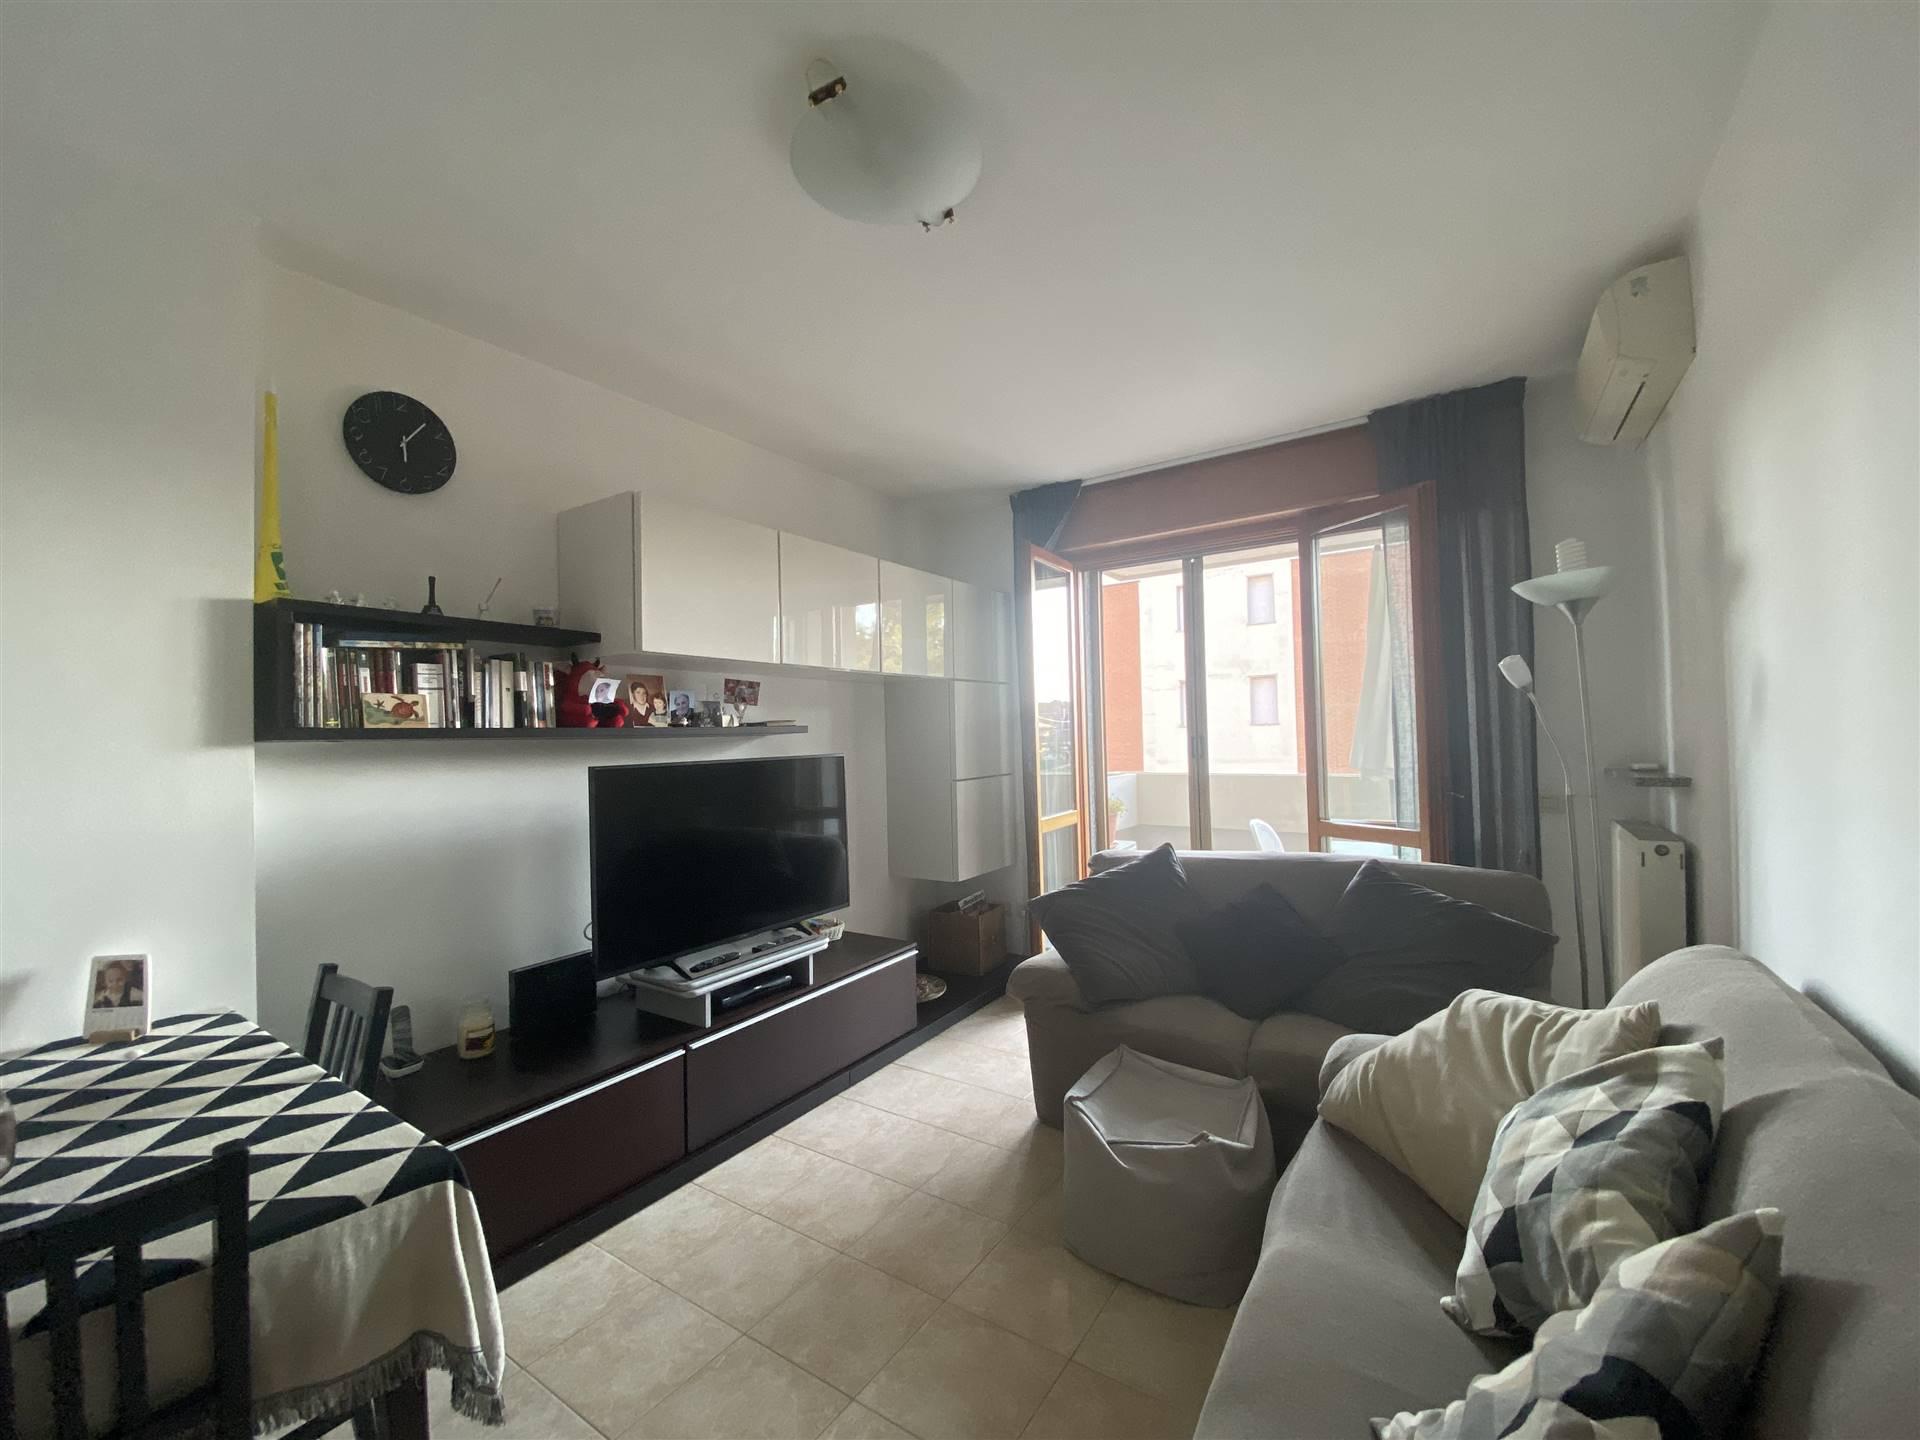 Appartamento in vendita a San Giorgio Piacentino, 3 locali, zona Località: SAN GIORGIO, prezzo € 126.000 | CambioCasa.it